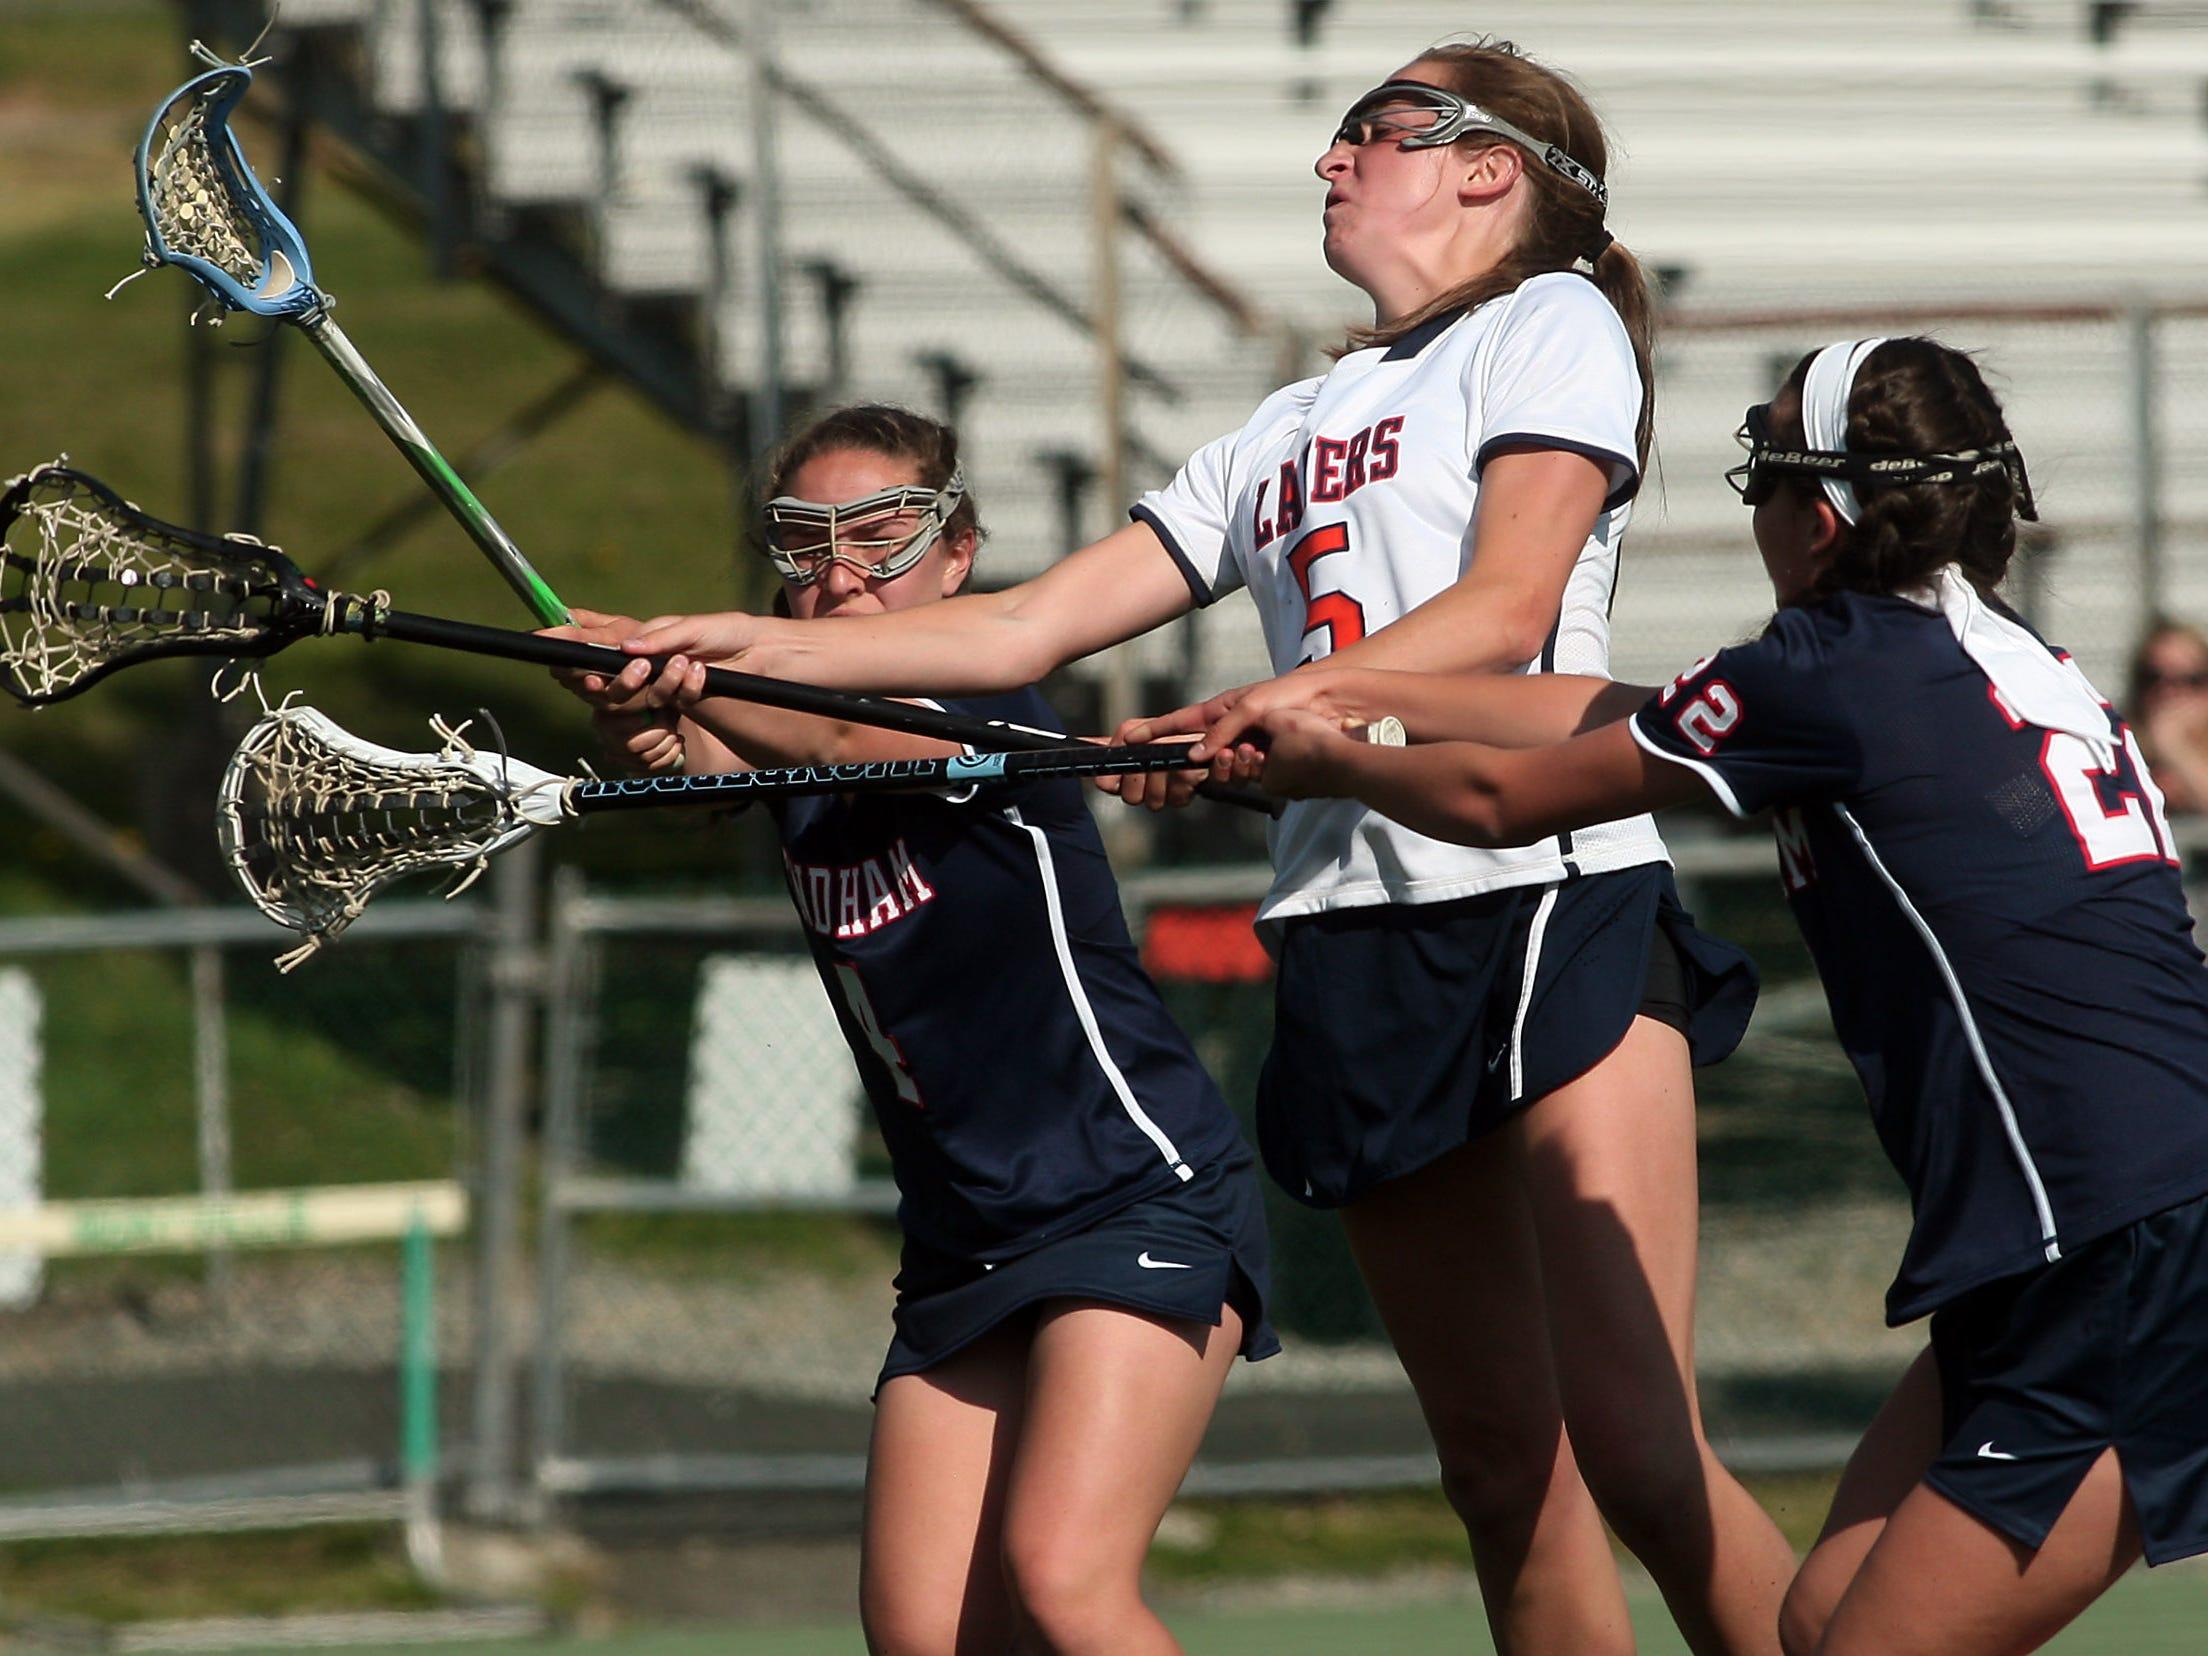 Mountain Lakes' Rachel Treweeke scores on Mendham during their Morris County Tournament semifinal Thursday.